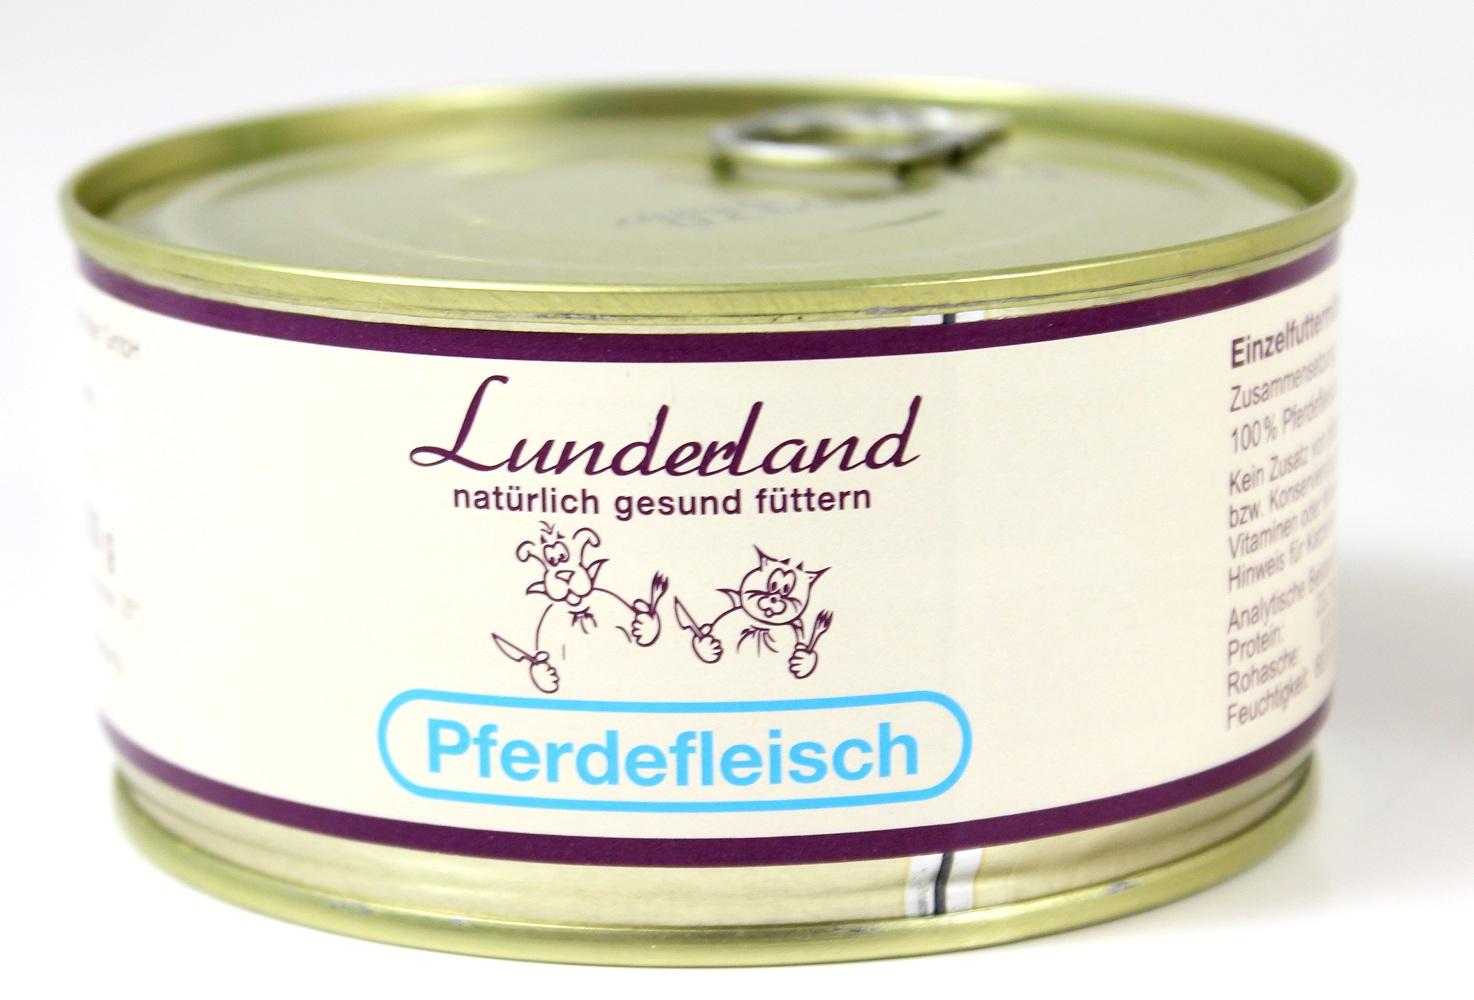 lunderland pferdefleisch pferdefleisch f r hunde und katzen futtershop24 hundefutter und. Black Bedroom Furniture Sets. Home Design Ideas